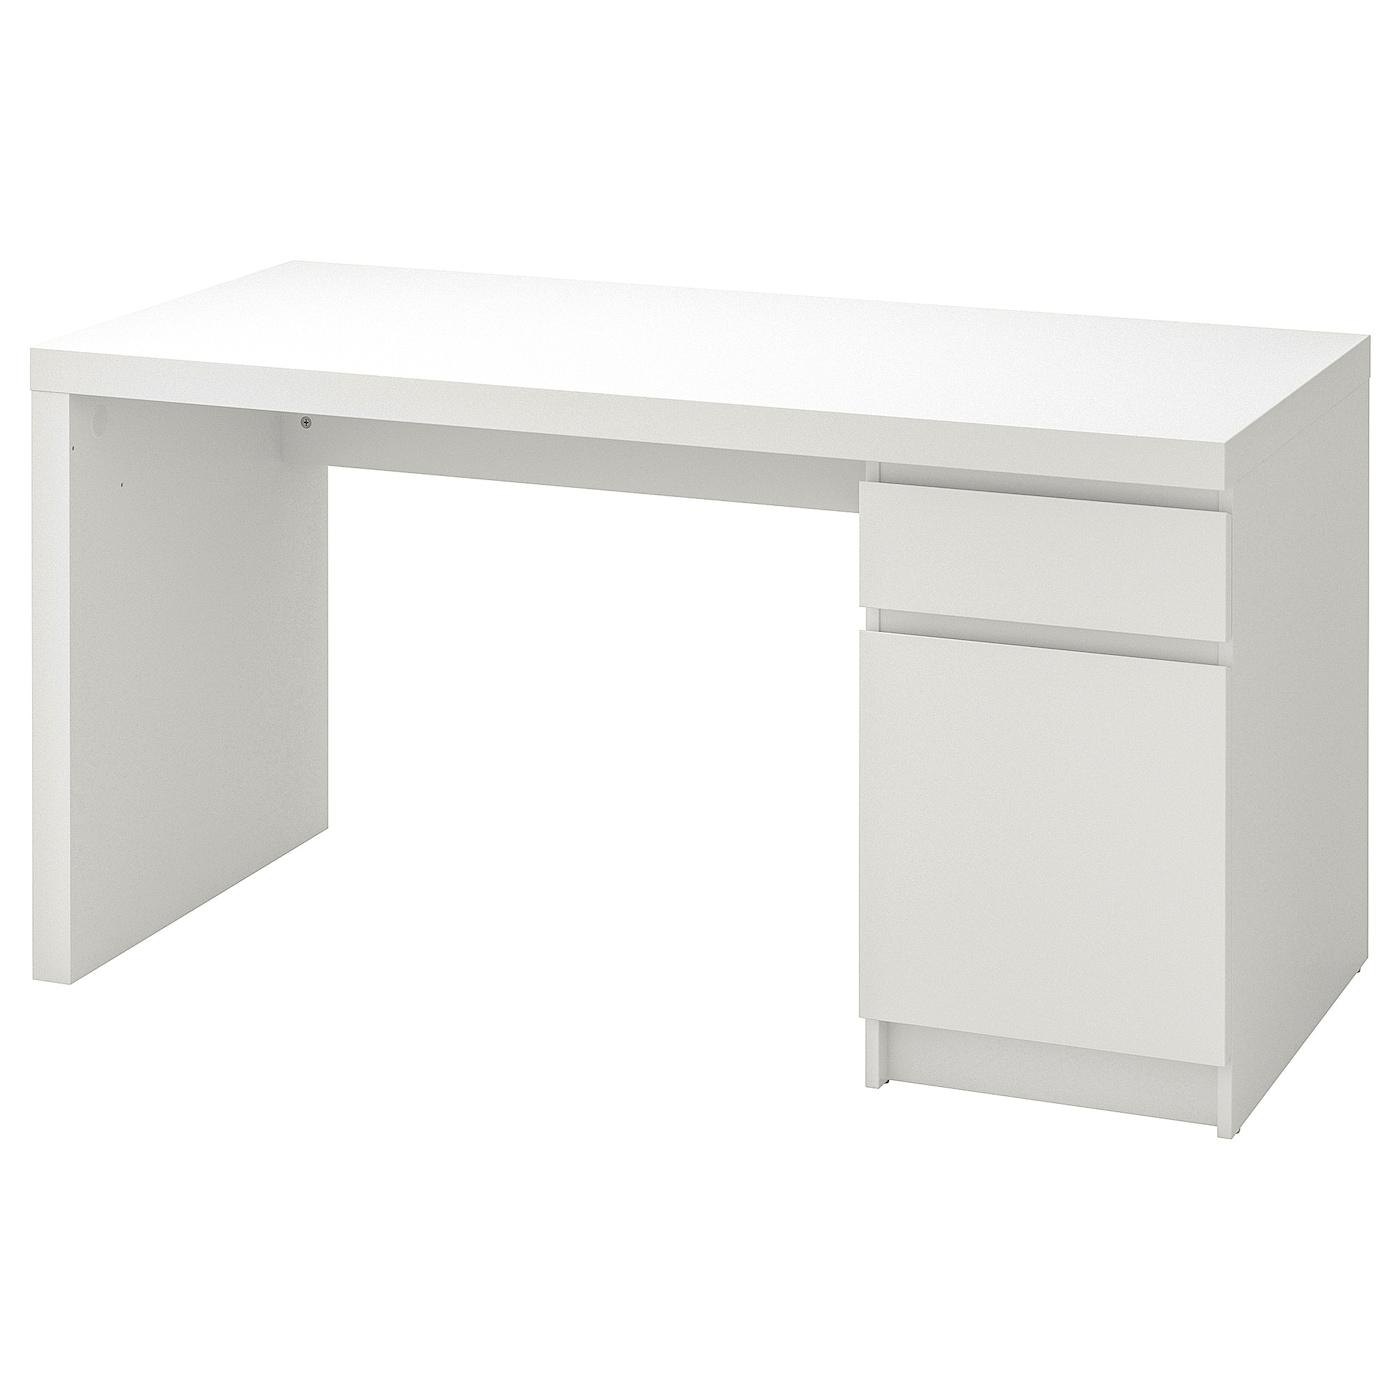 MALM Desk - white 11x11 cm